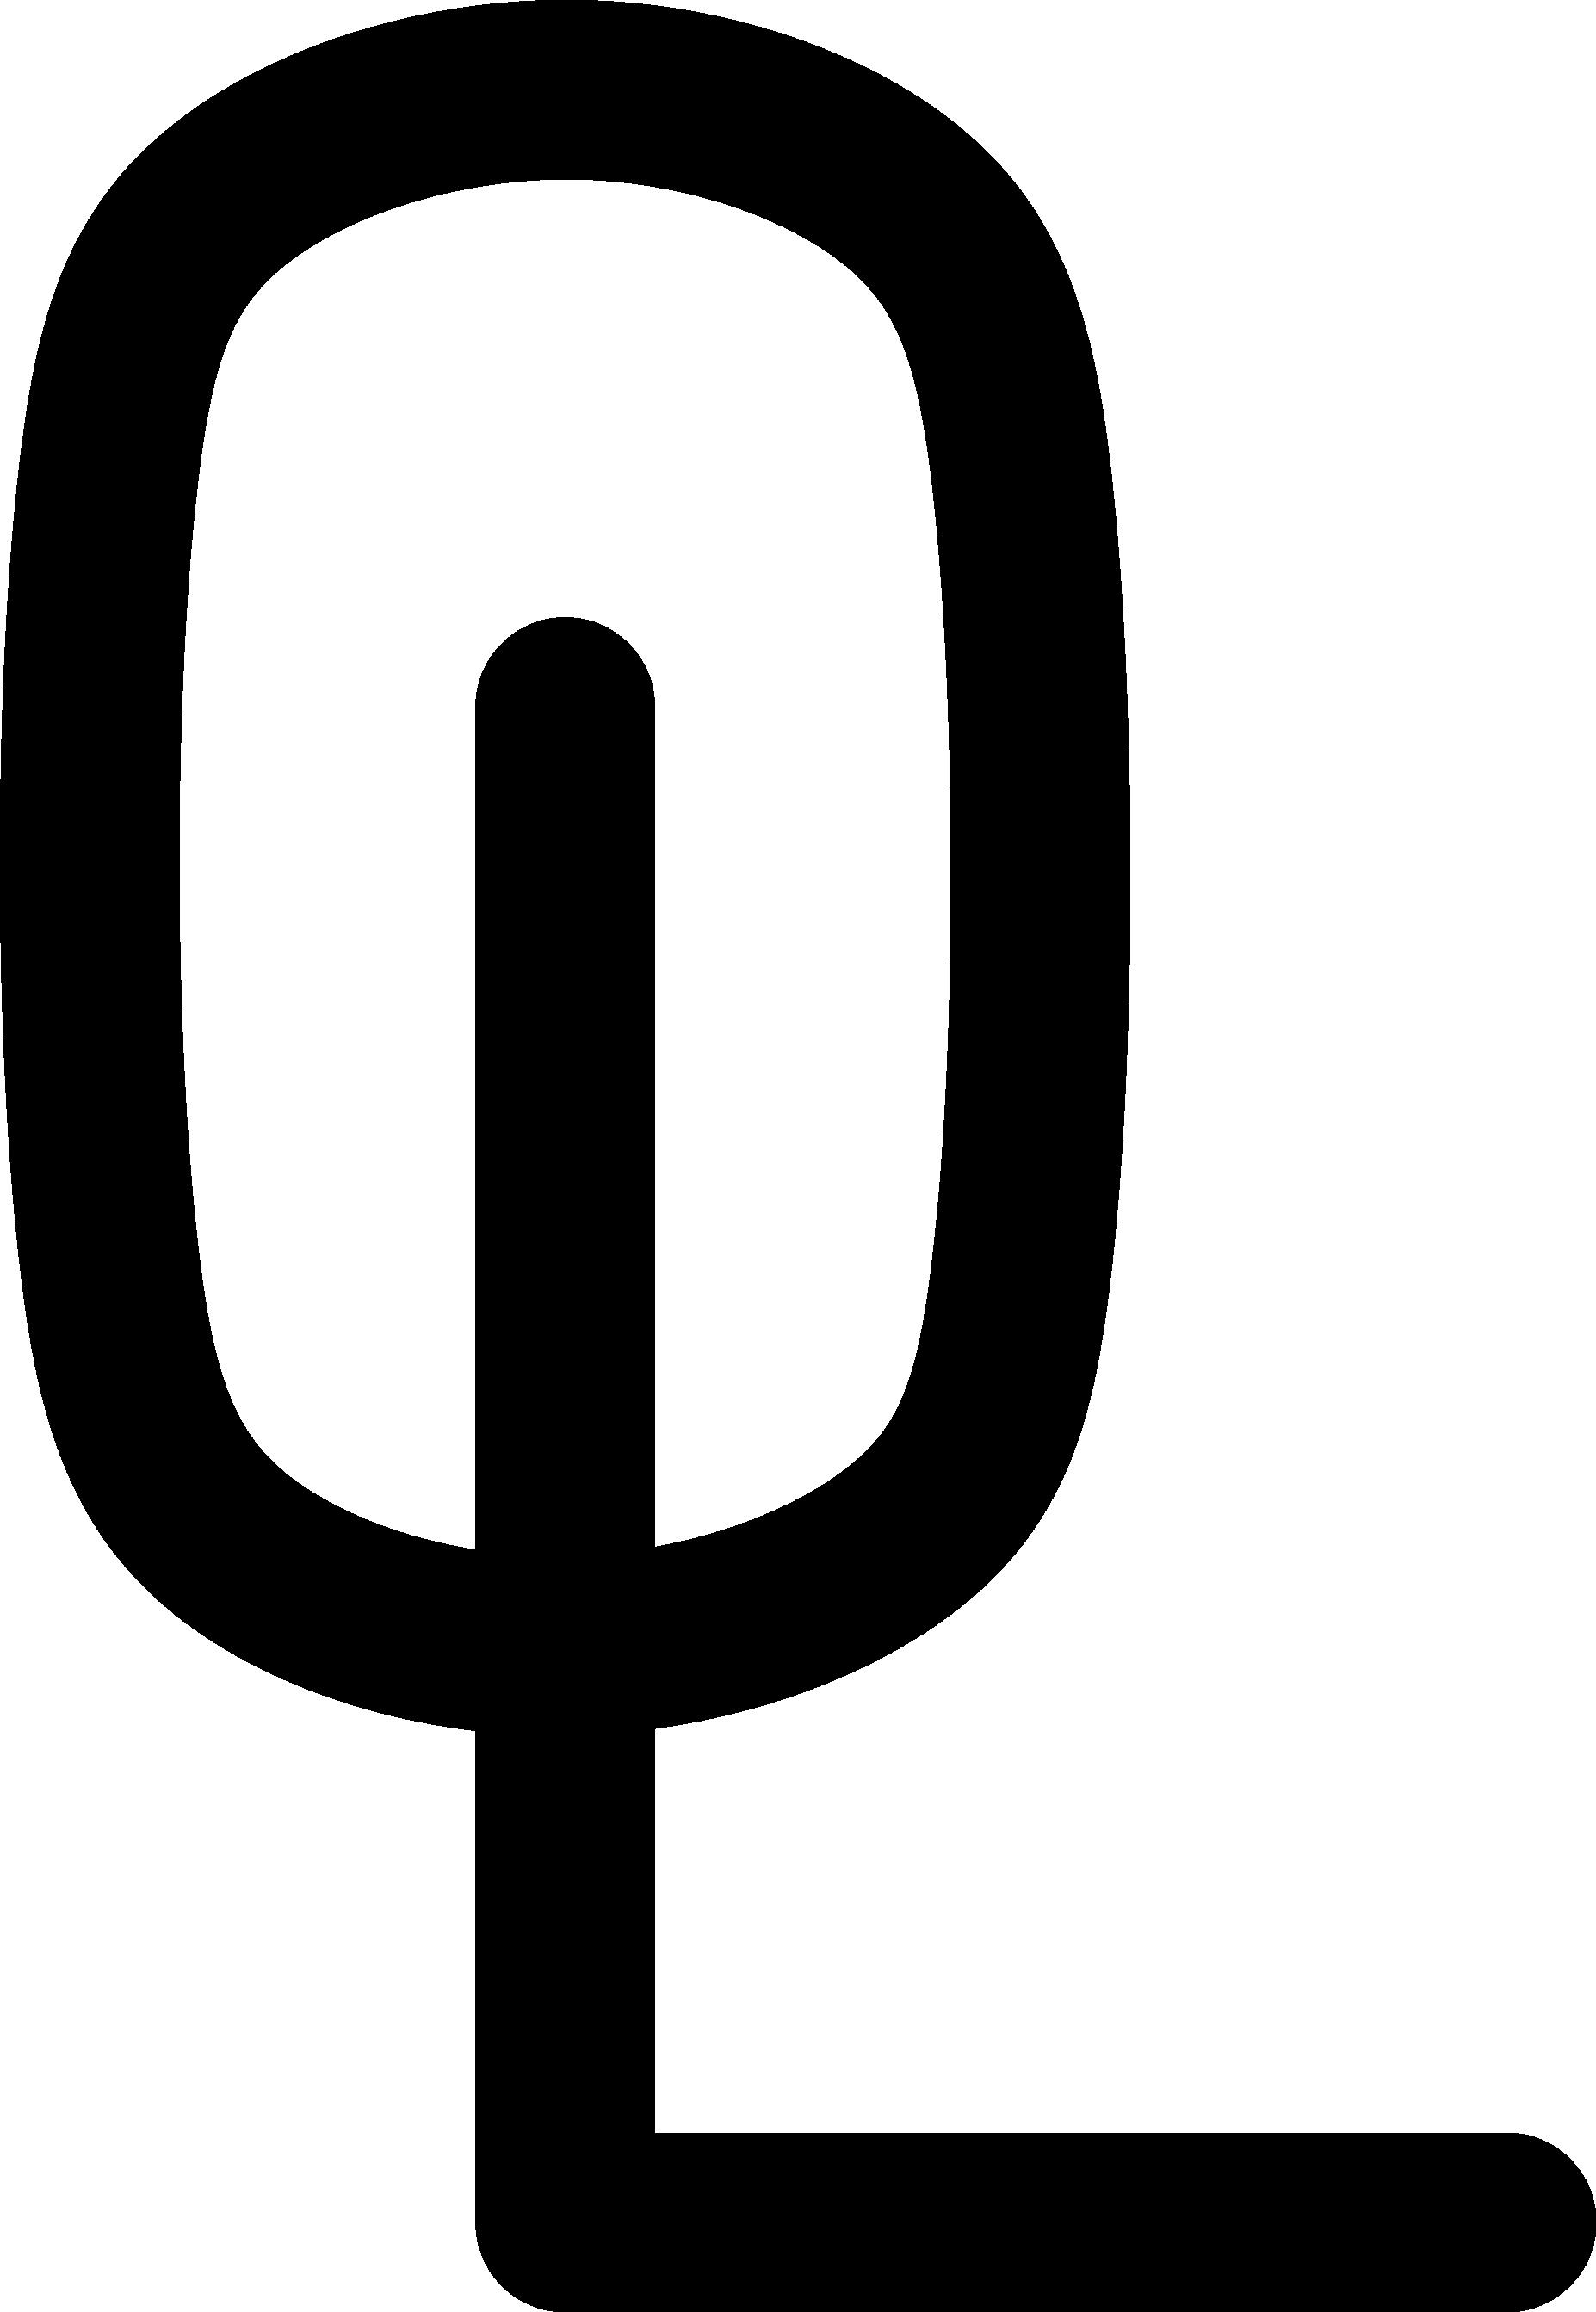 QINGYI LI